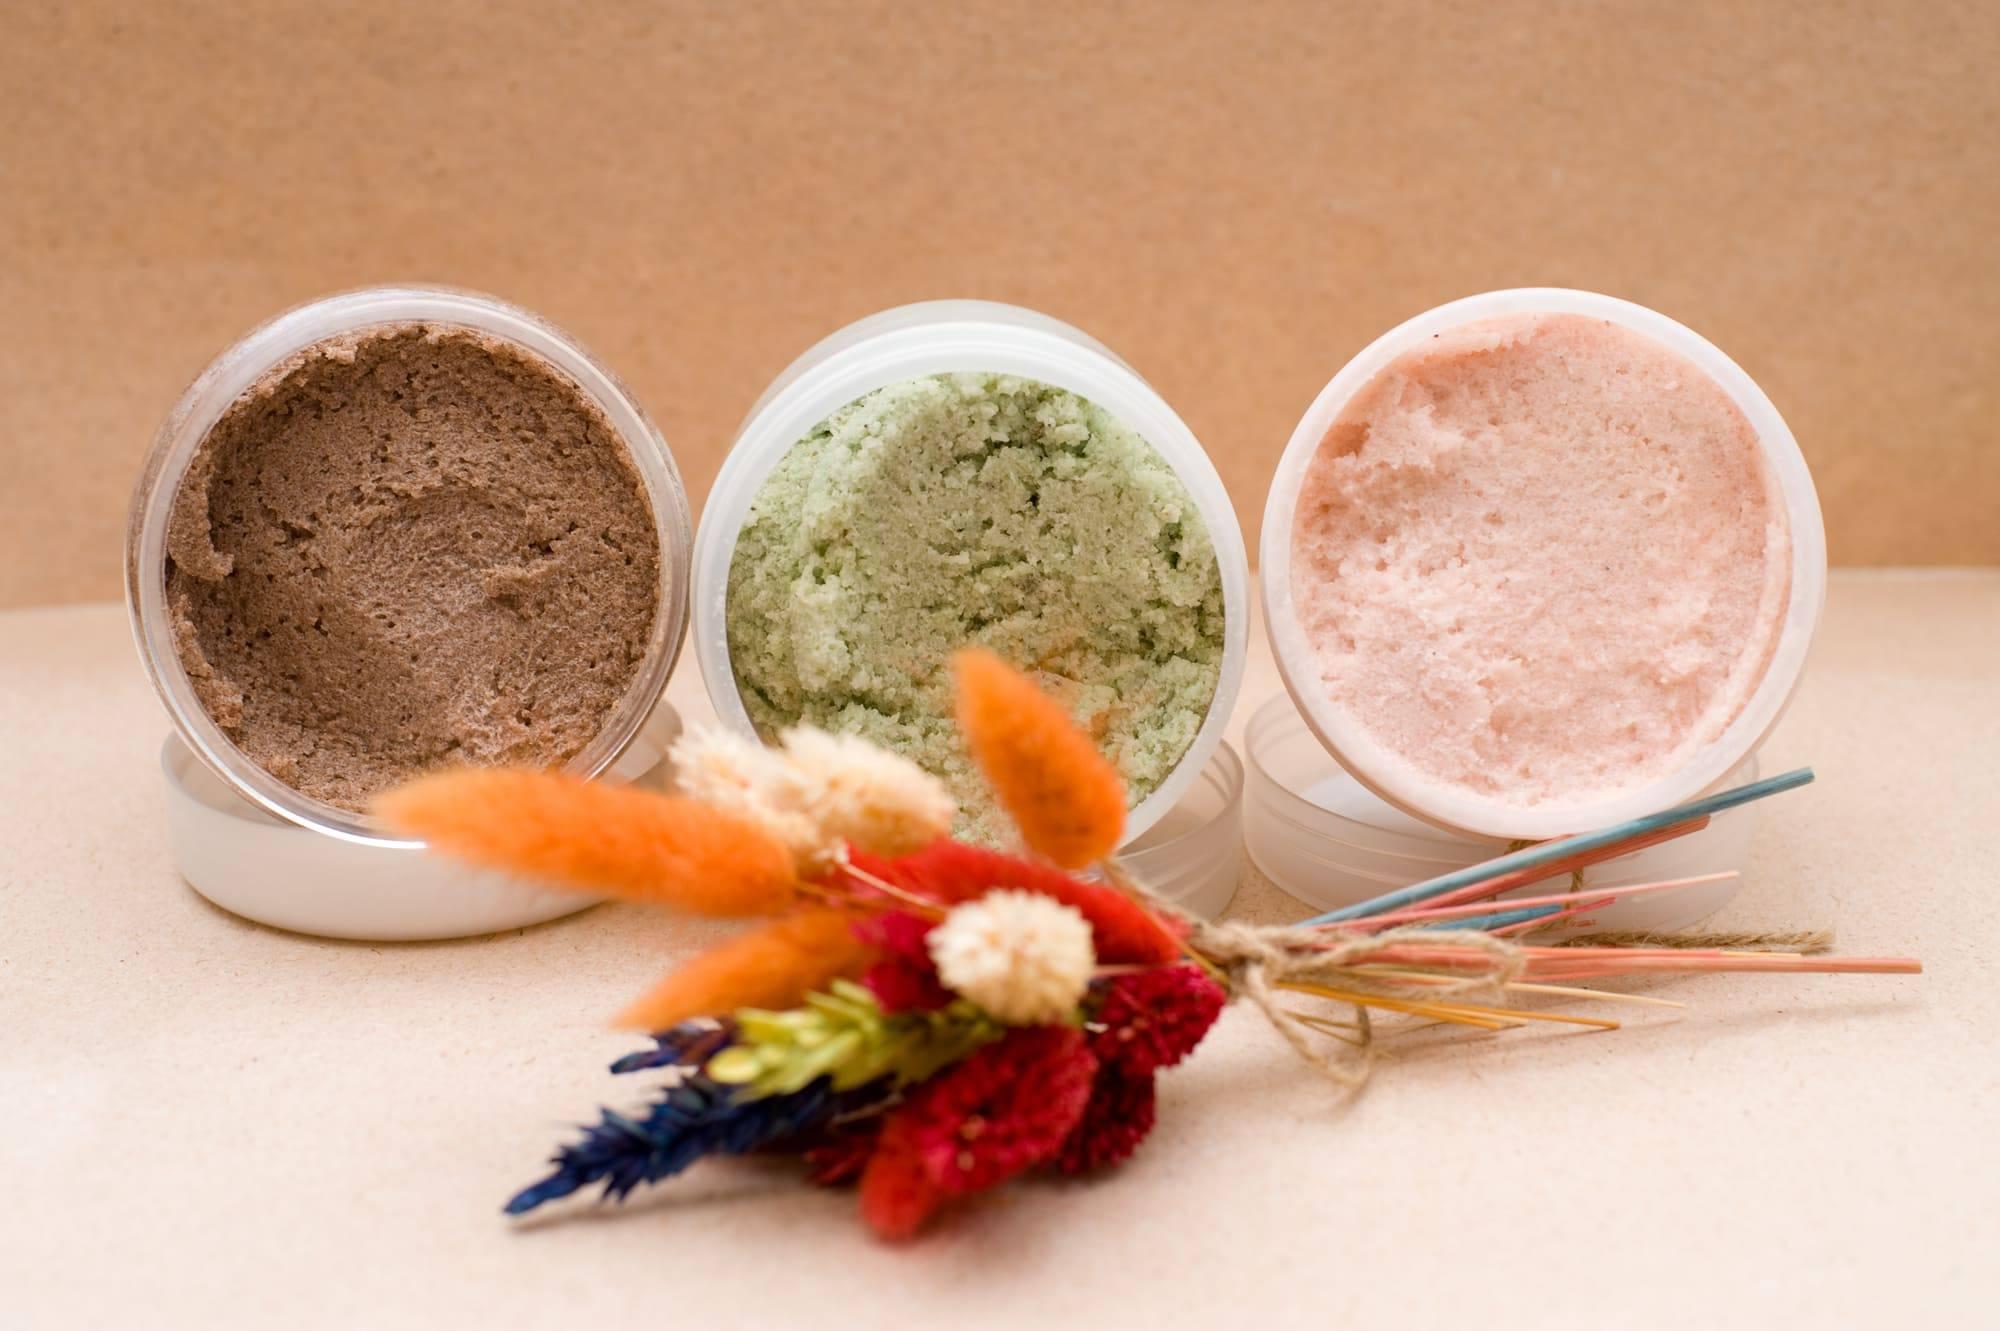 Эффективные обертывания для похудения, самые лучшие 4